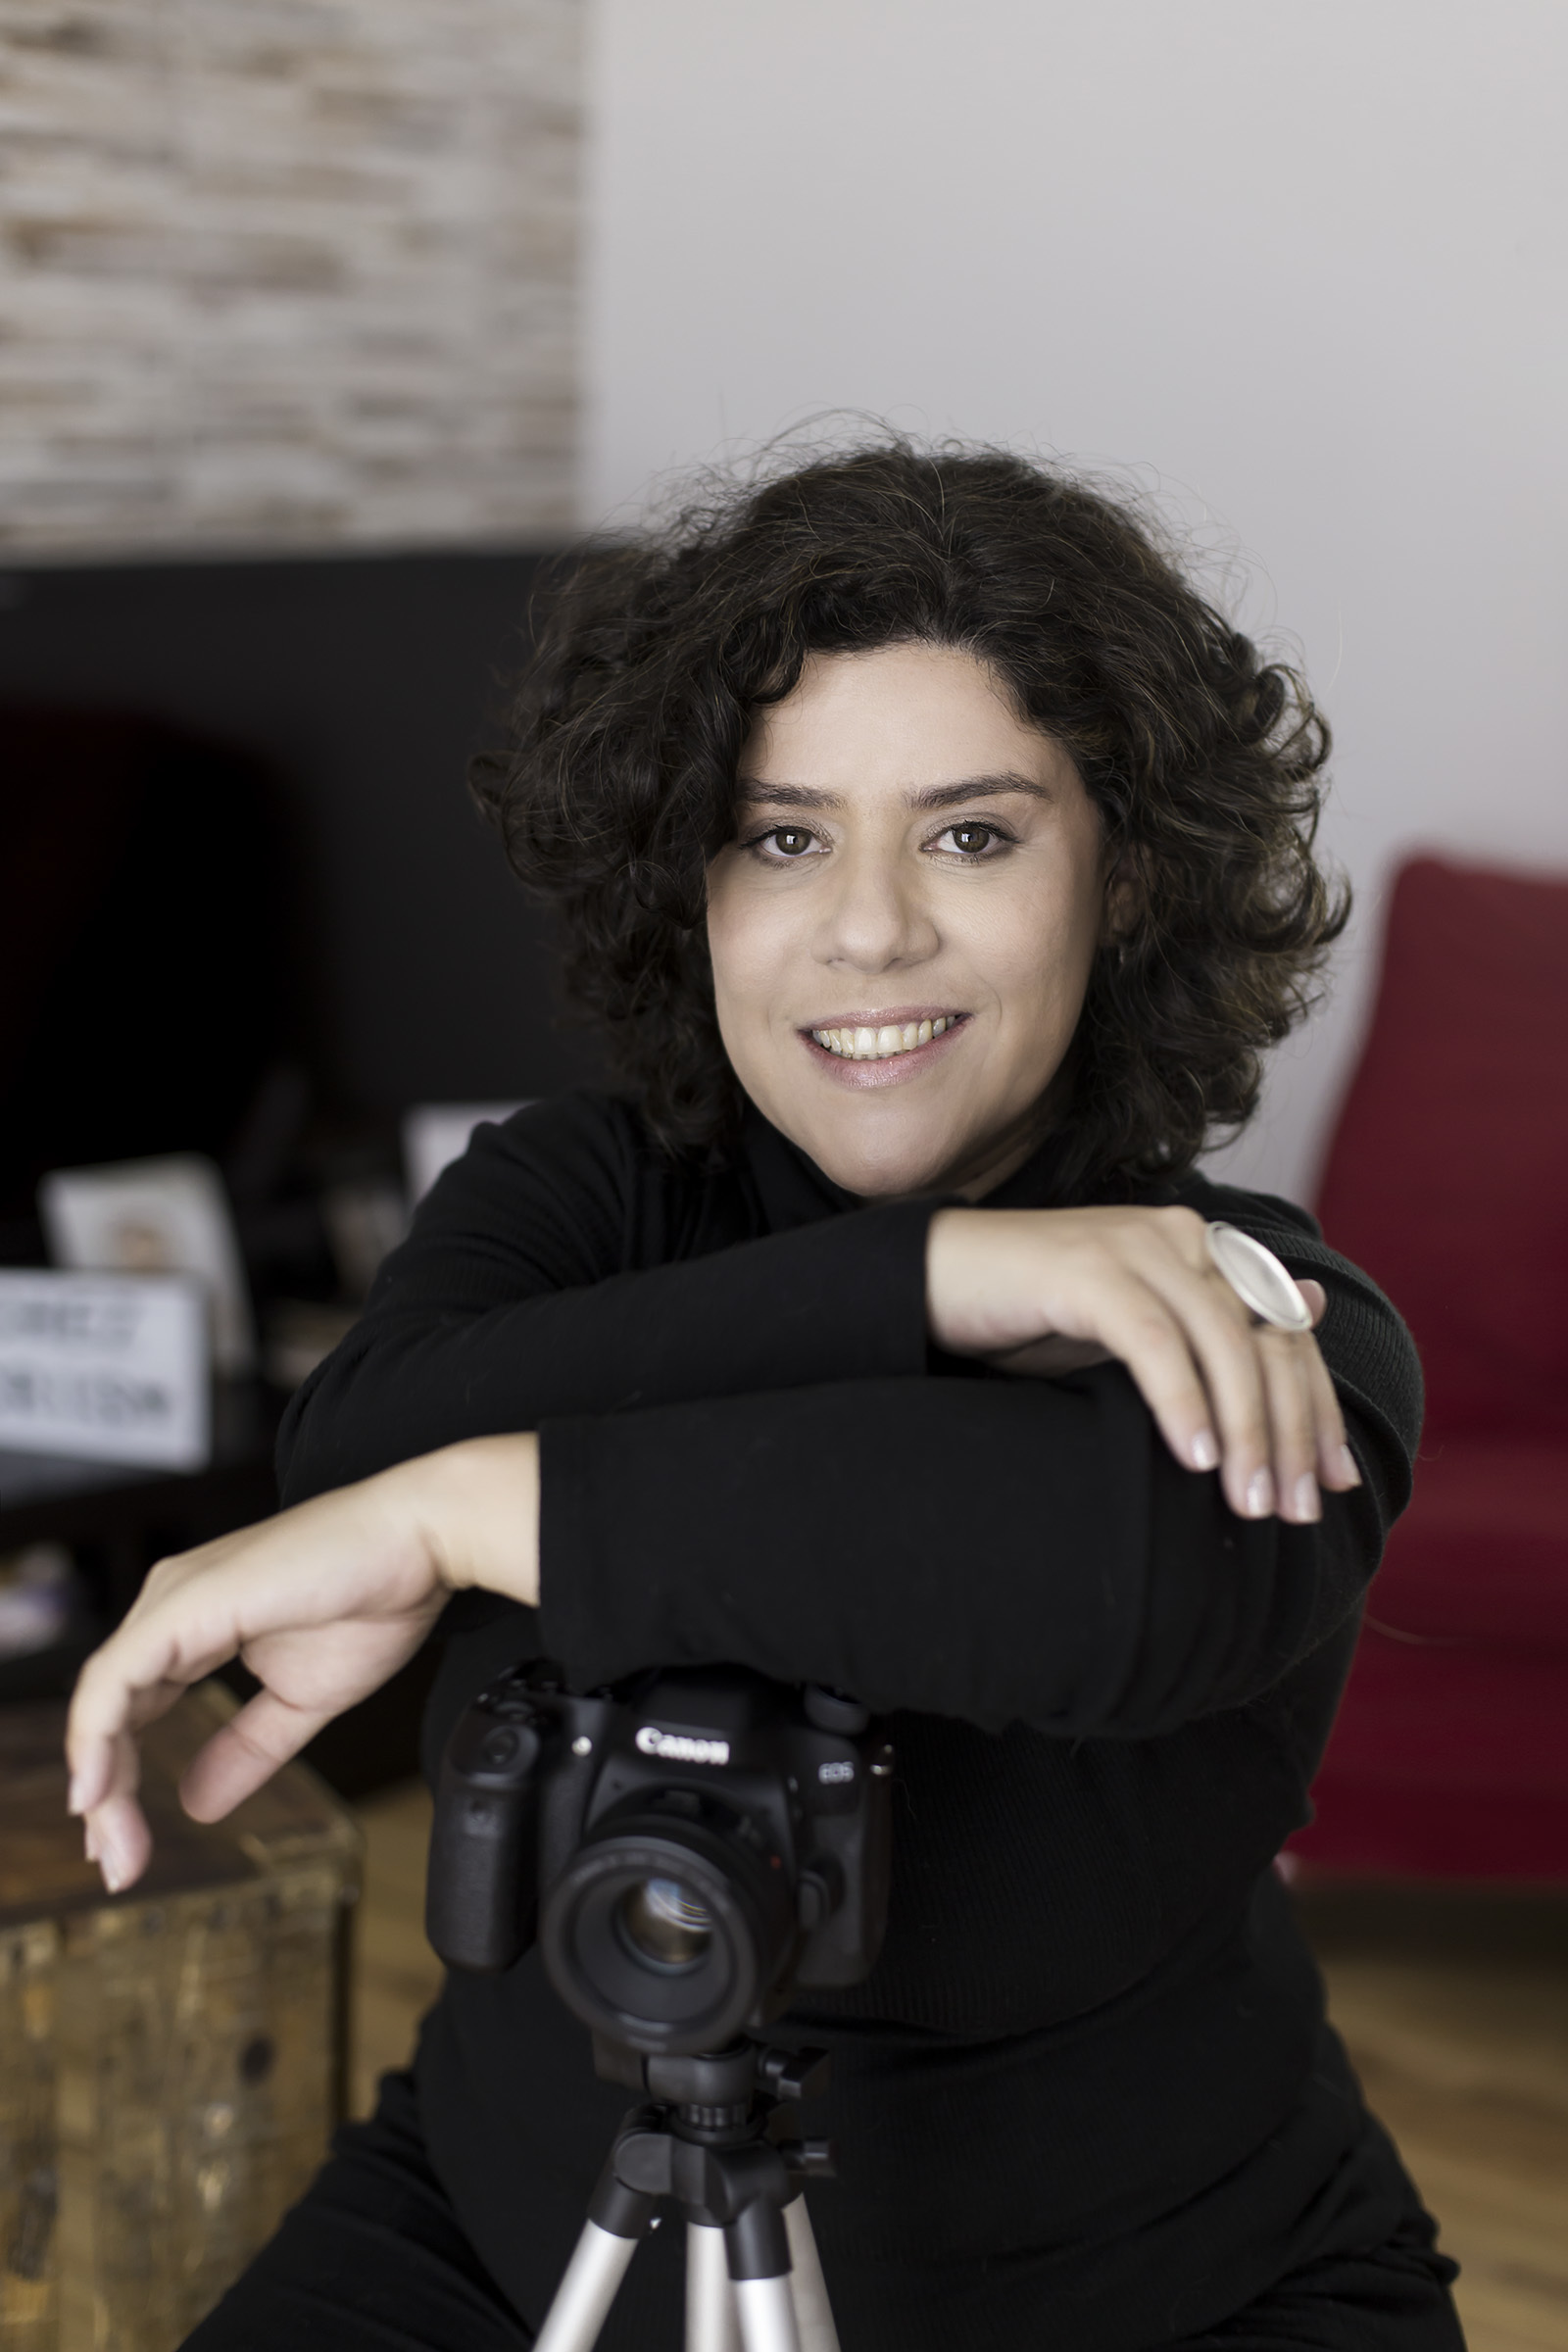 Sobre Cris Cartacho - Fotografia e vídeo de família. São Paulo - SP